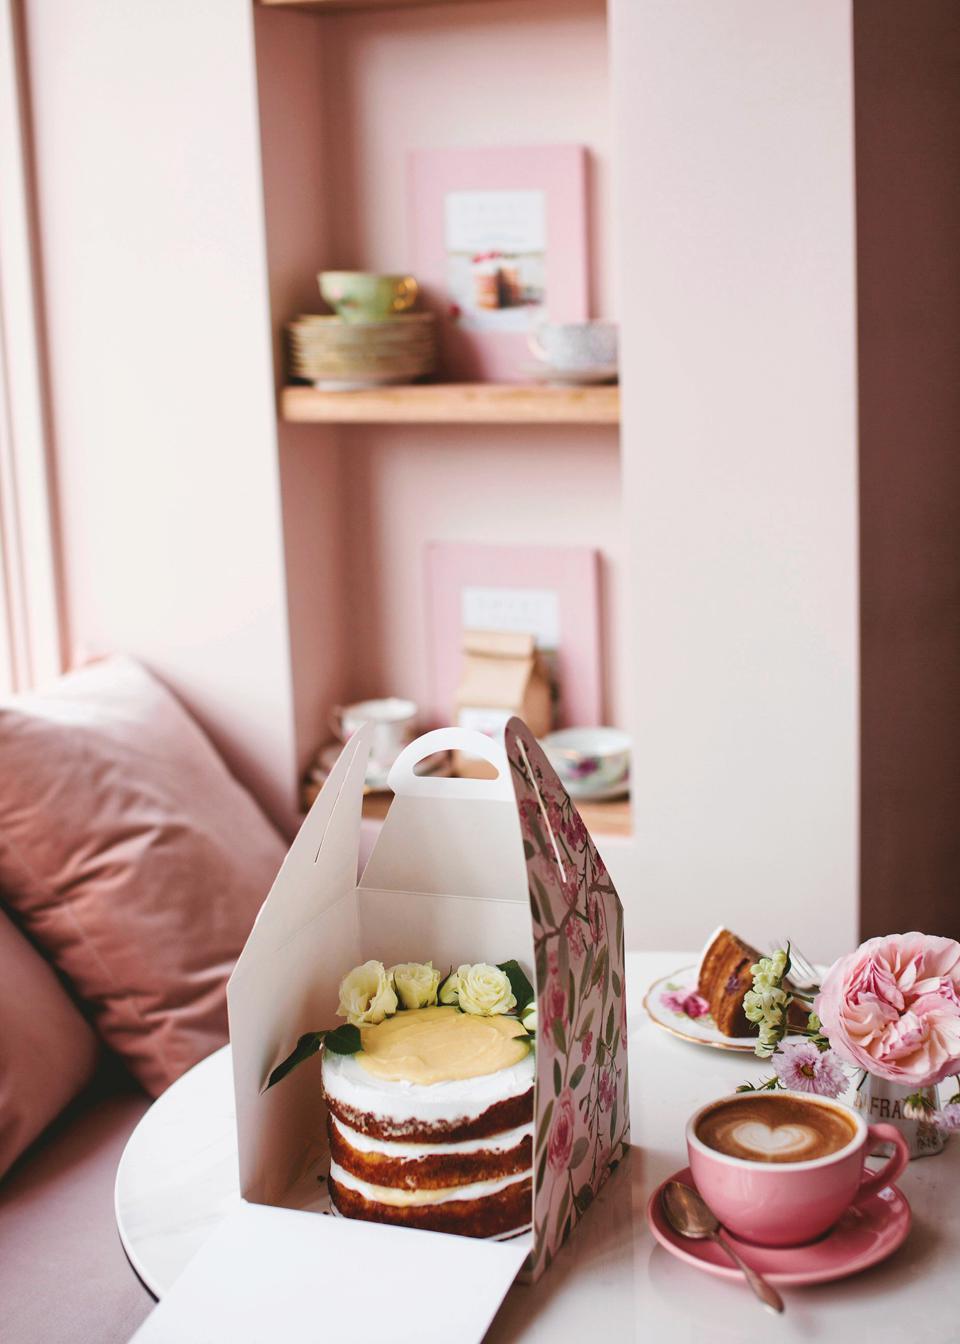 Sweet Laurel Bake Shop